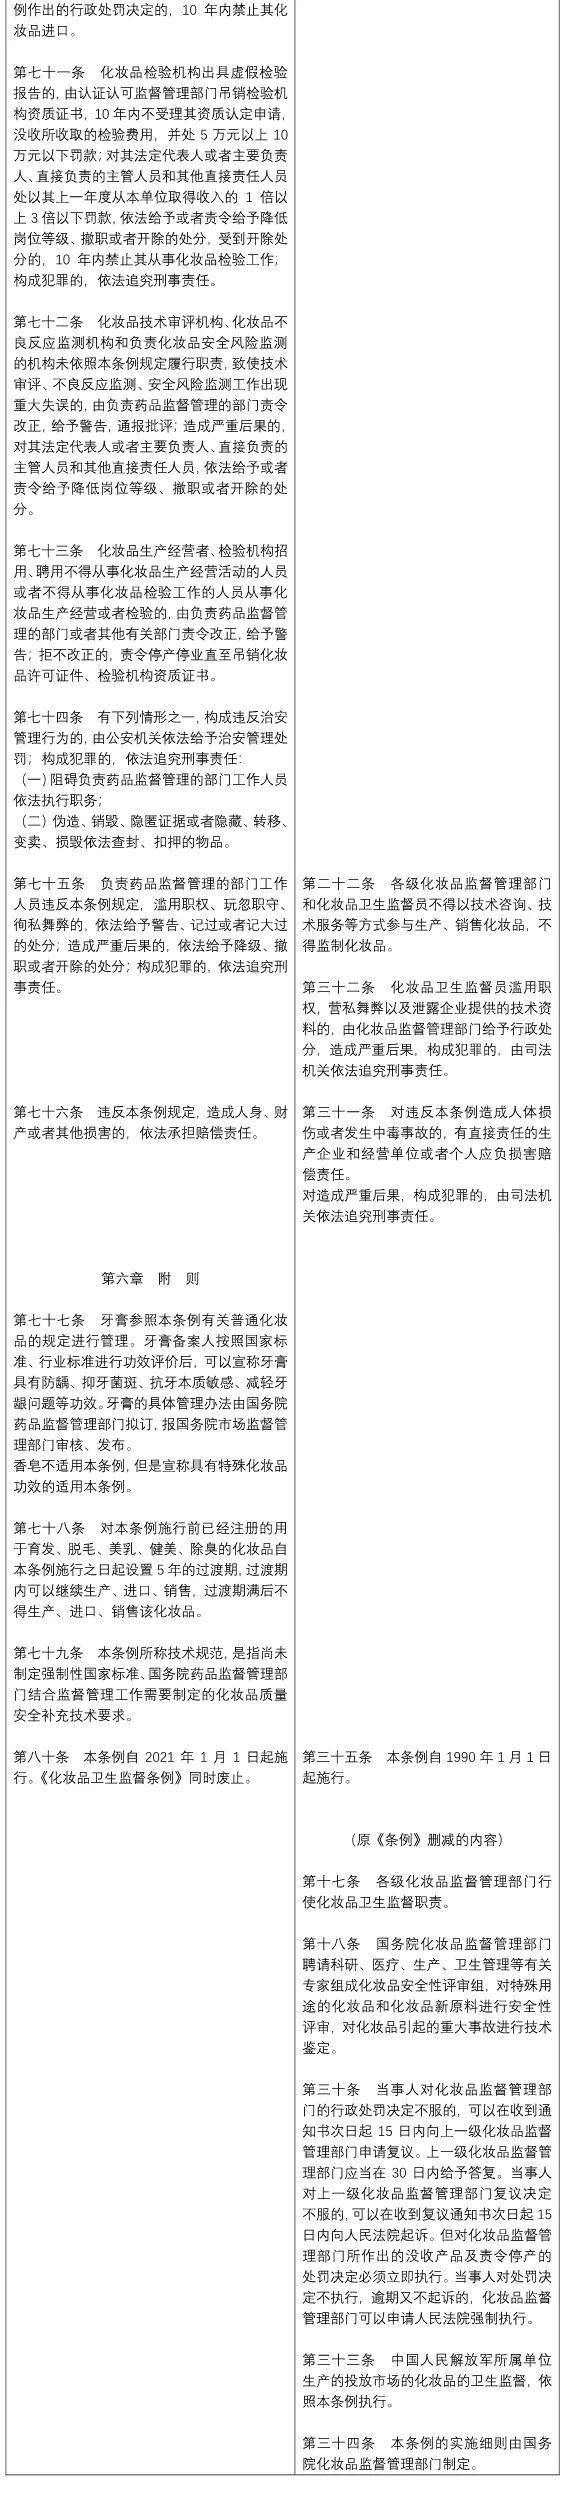 《化妆品监督管理条例》与《化妆品卫生监督条例》内容对比插图(6)